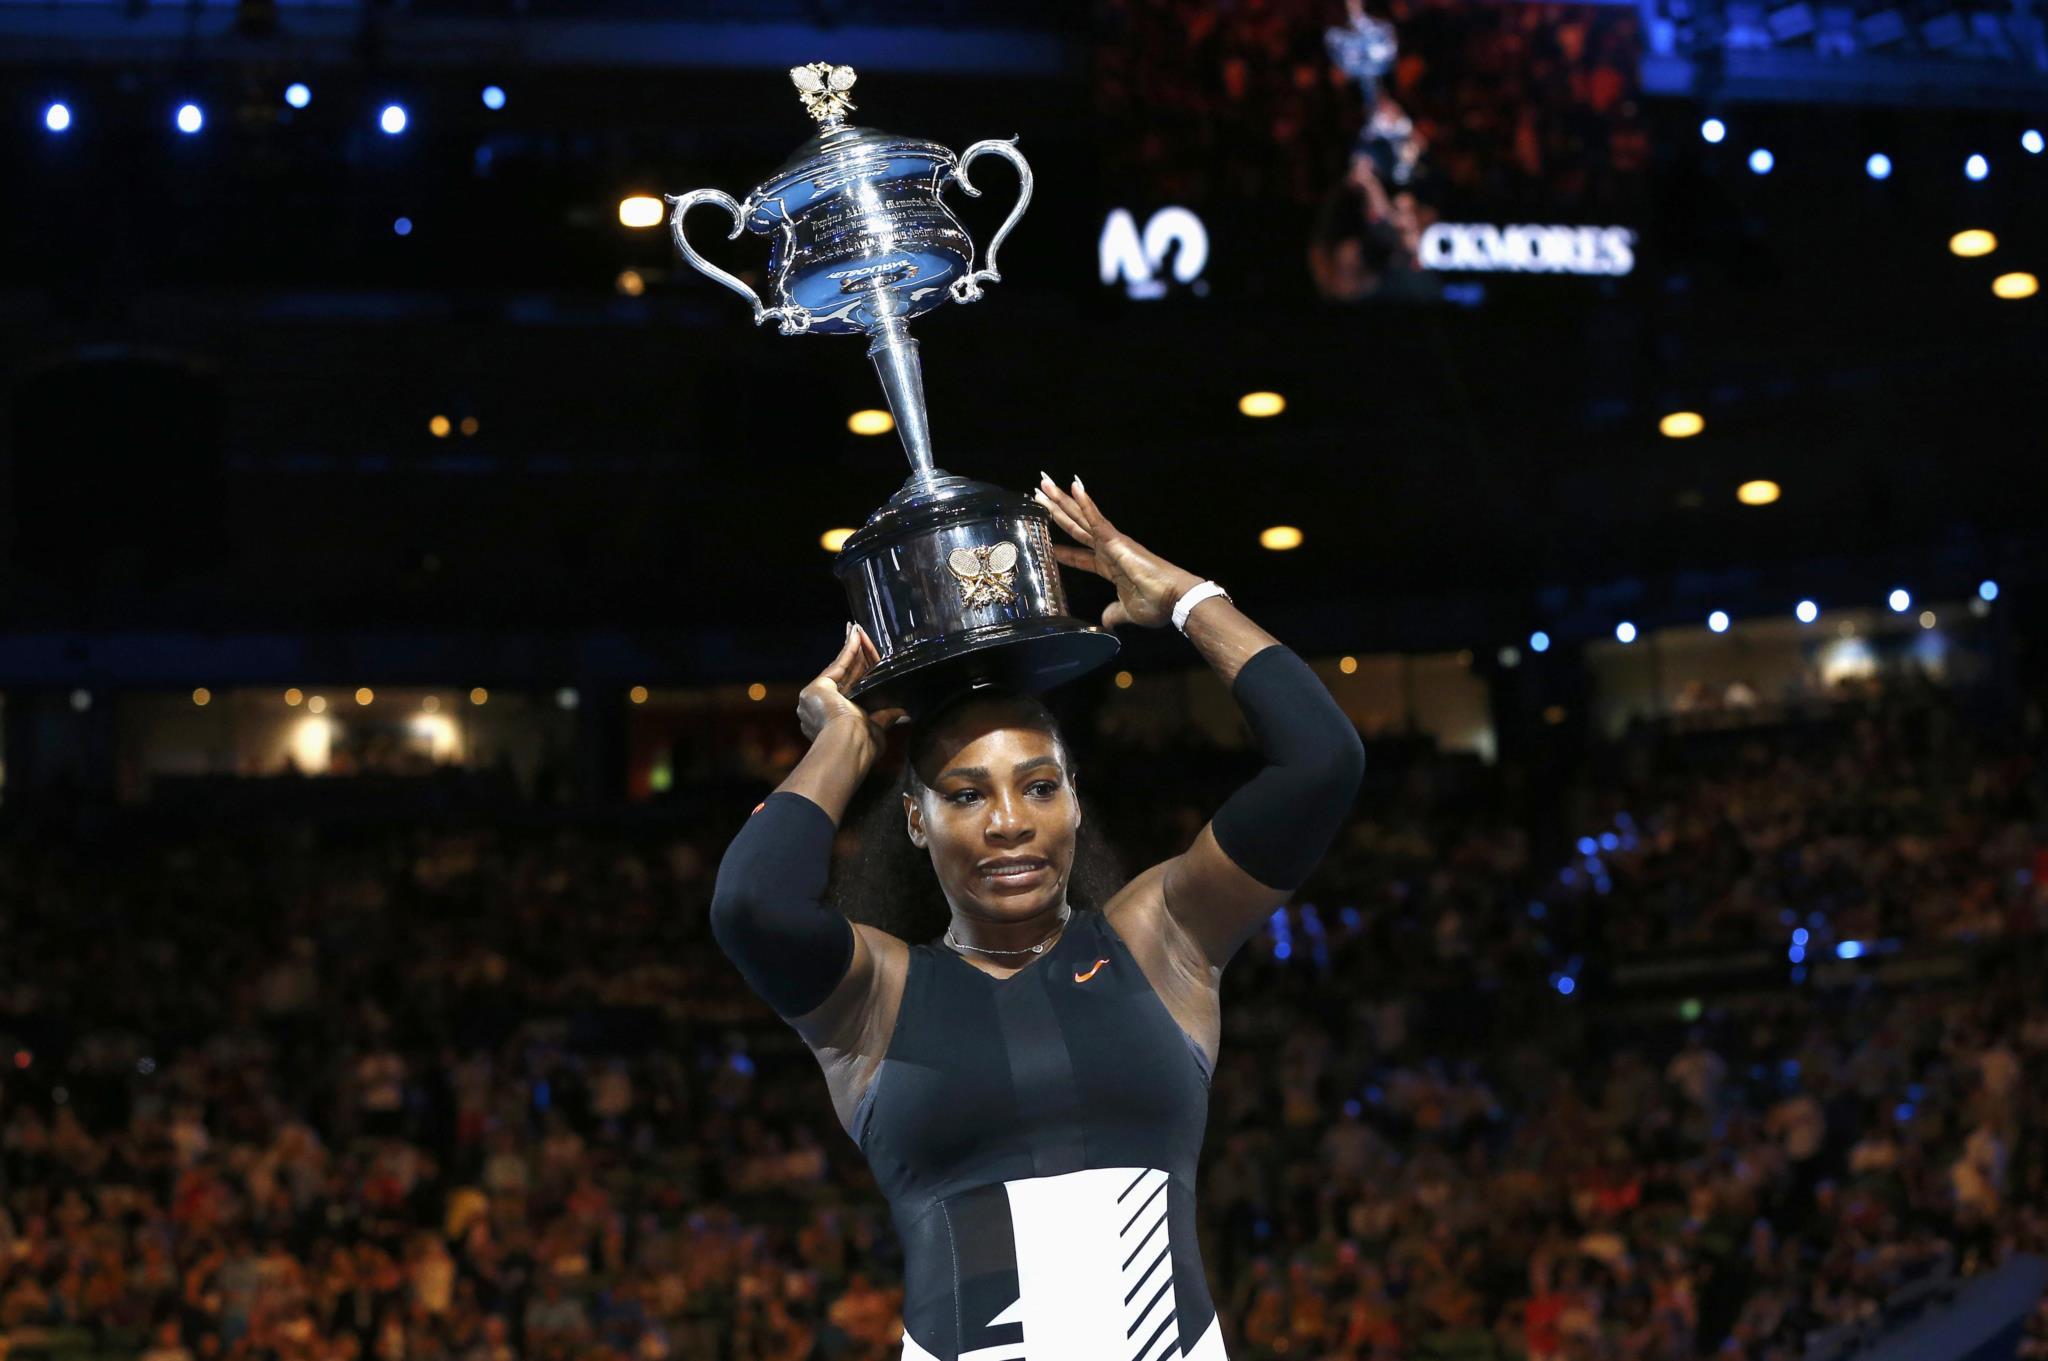 Serena Williams já estava grávida quando venceu o Australia Open contra a sua irmã, Venus, em Janeiro